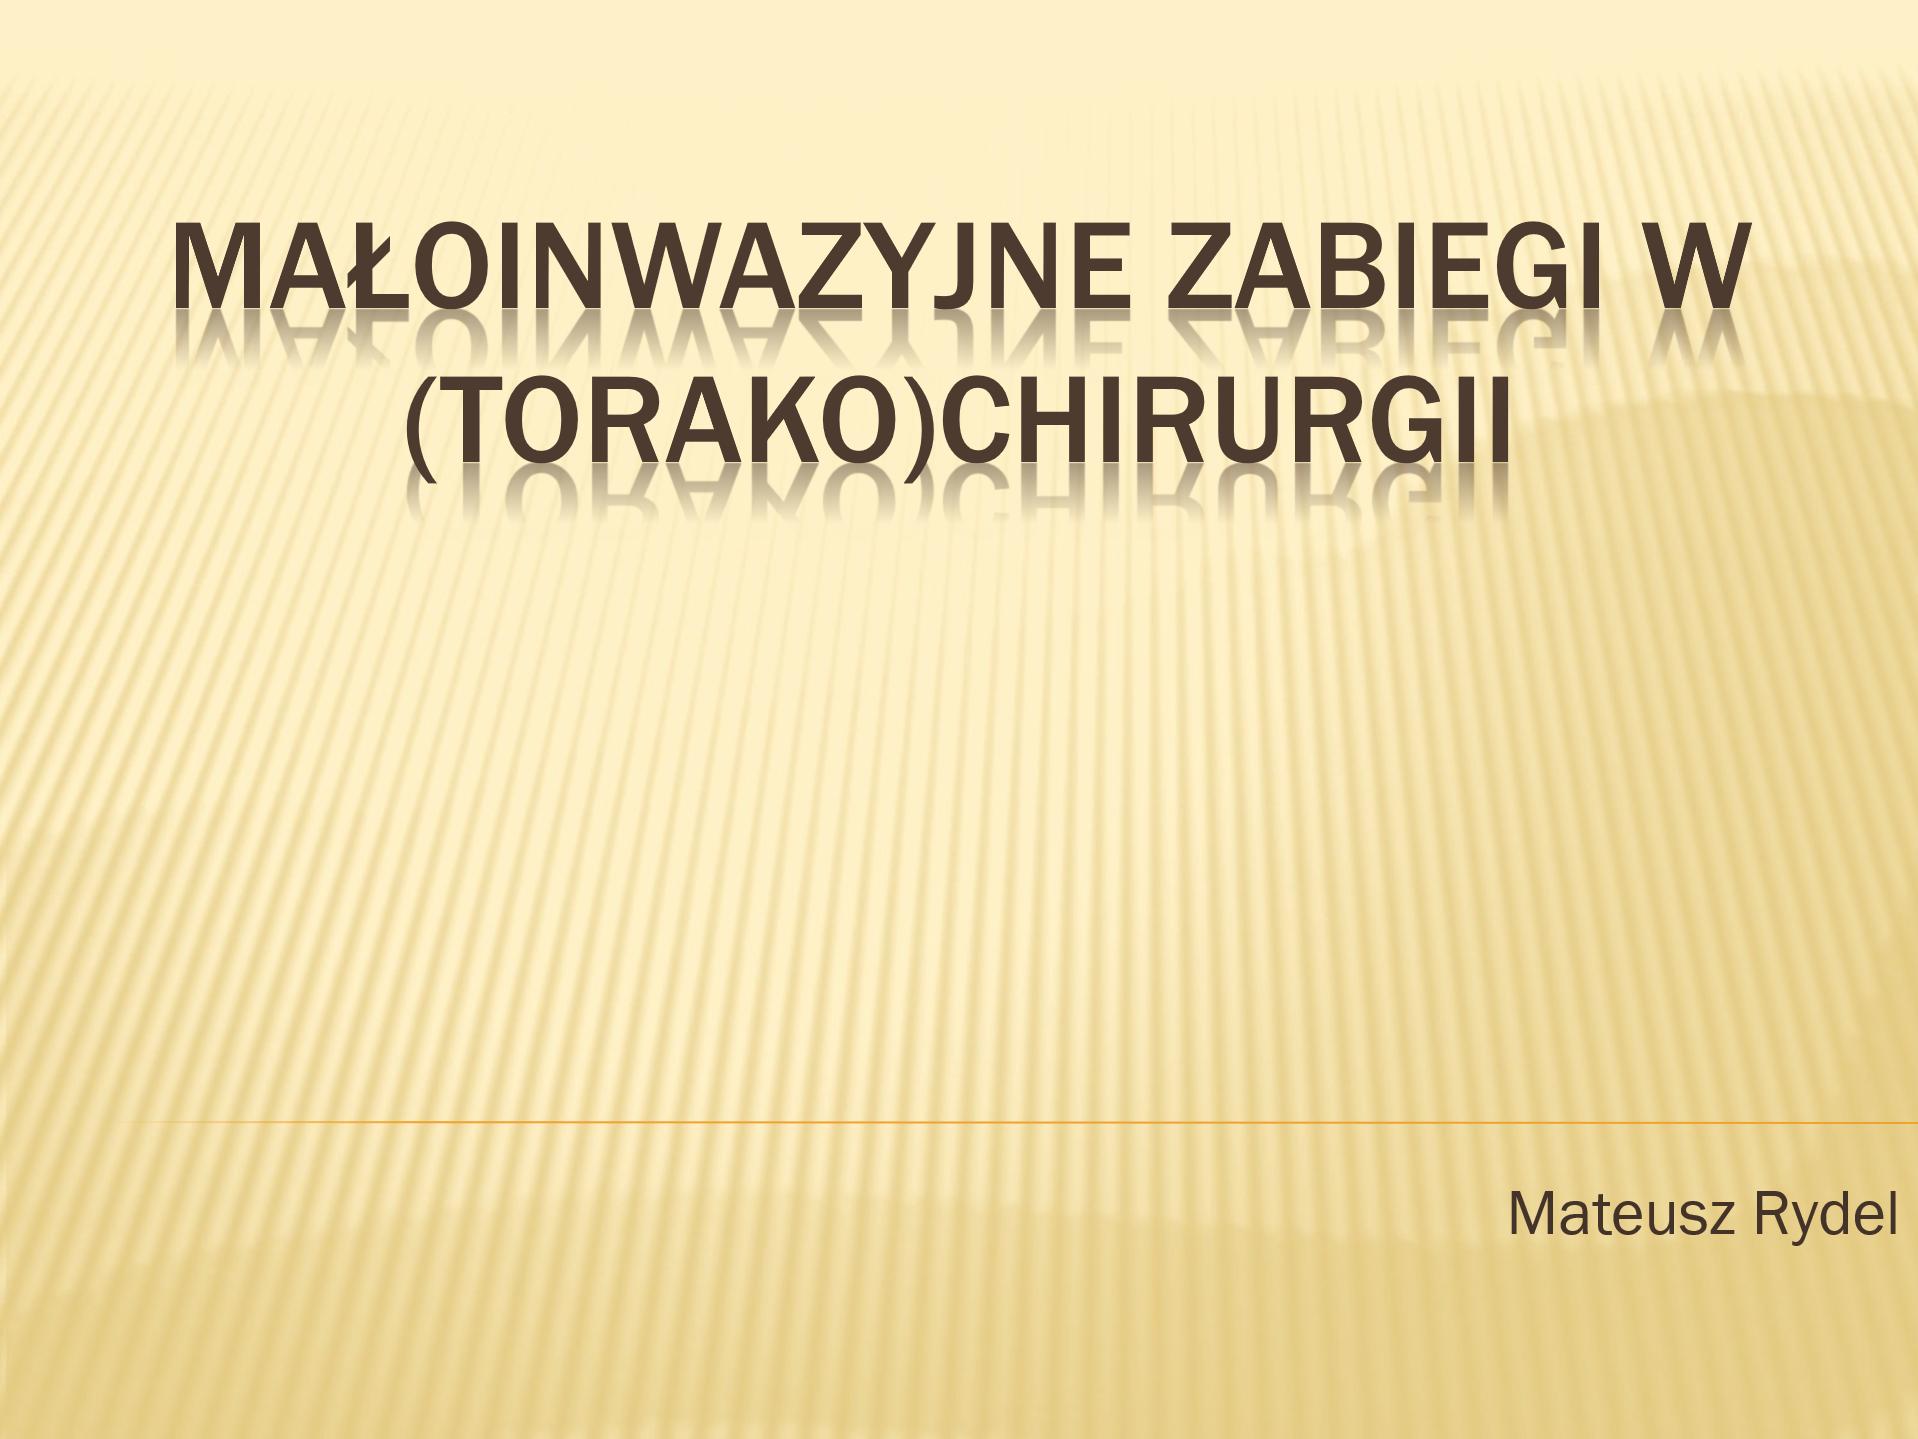 Małoinwazyjne techniki w torakochirurgii 2020-2021